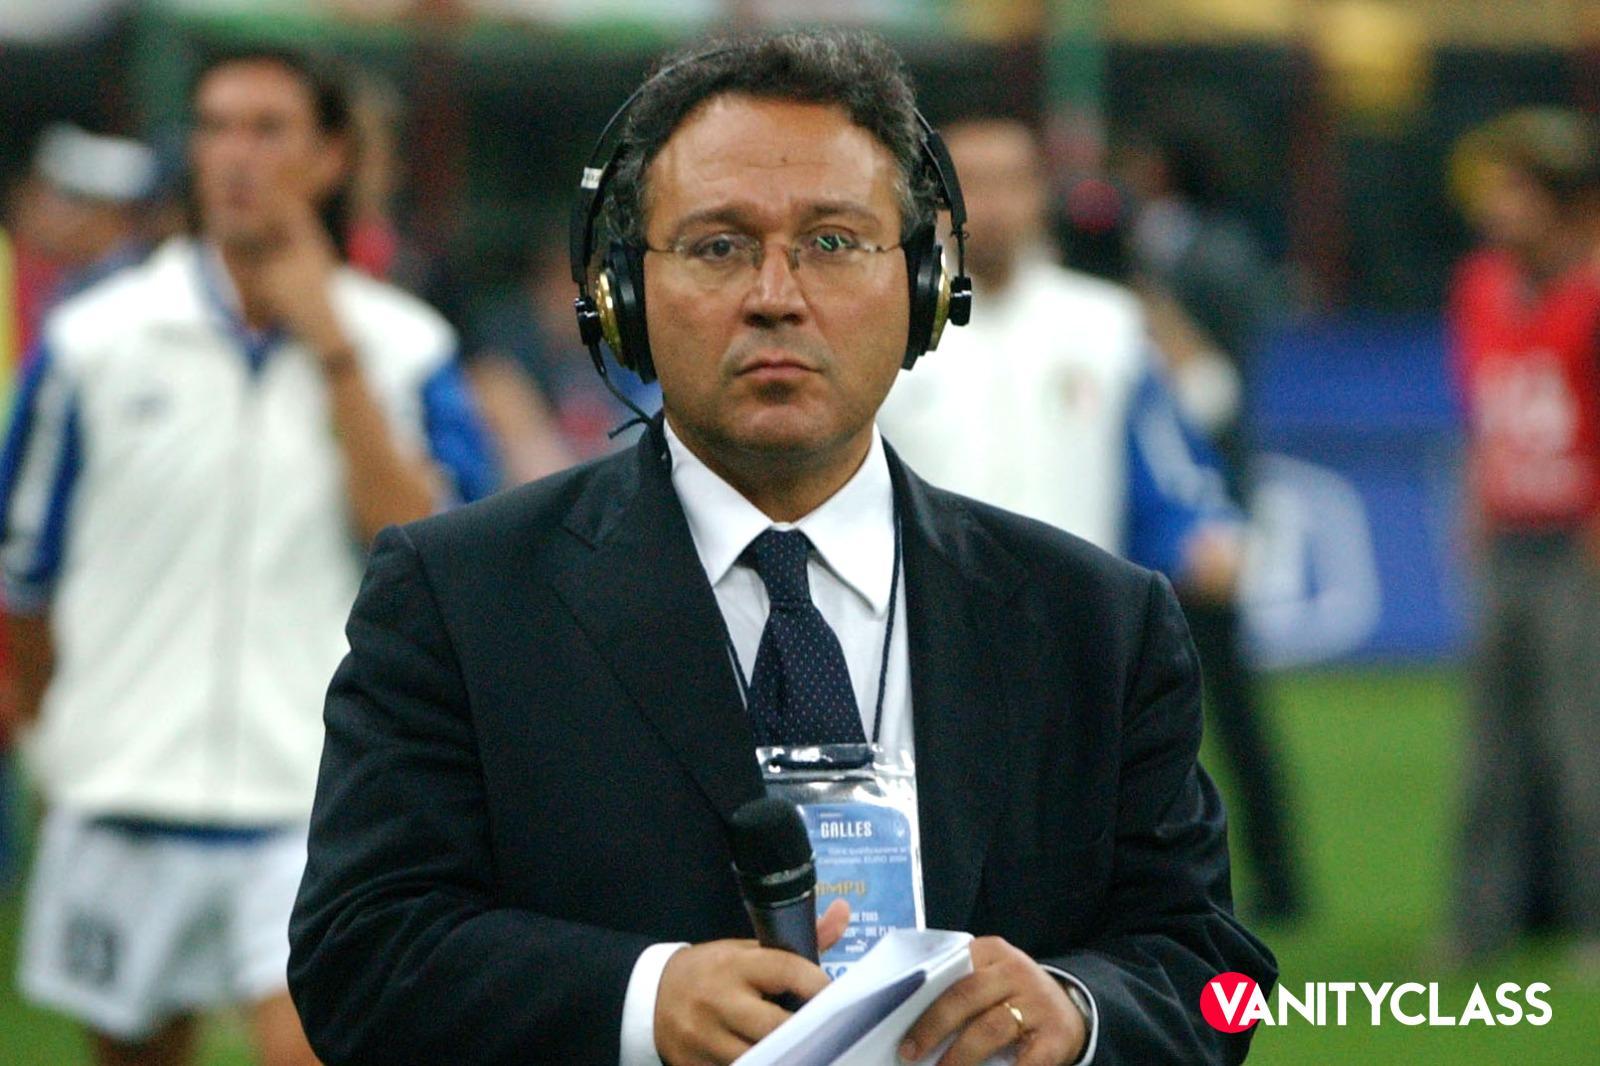 Enrico Varriale sospeso dalla Rai per accuse di stalking